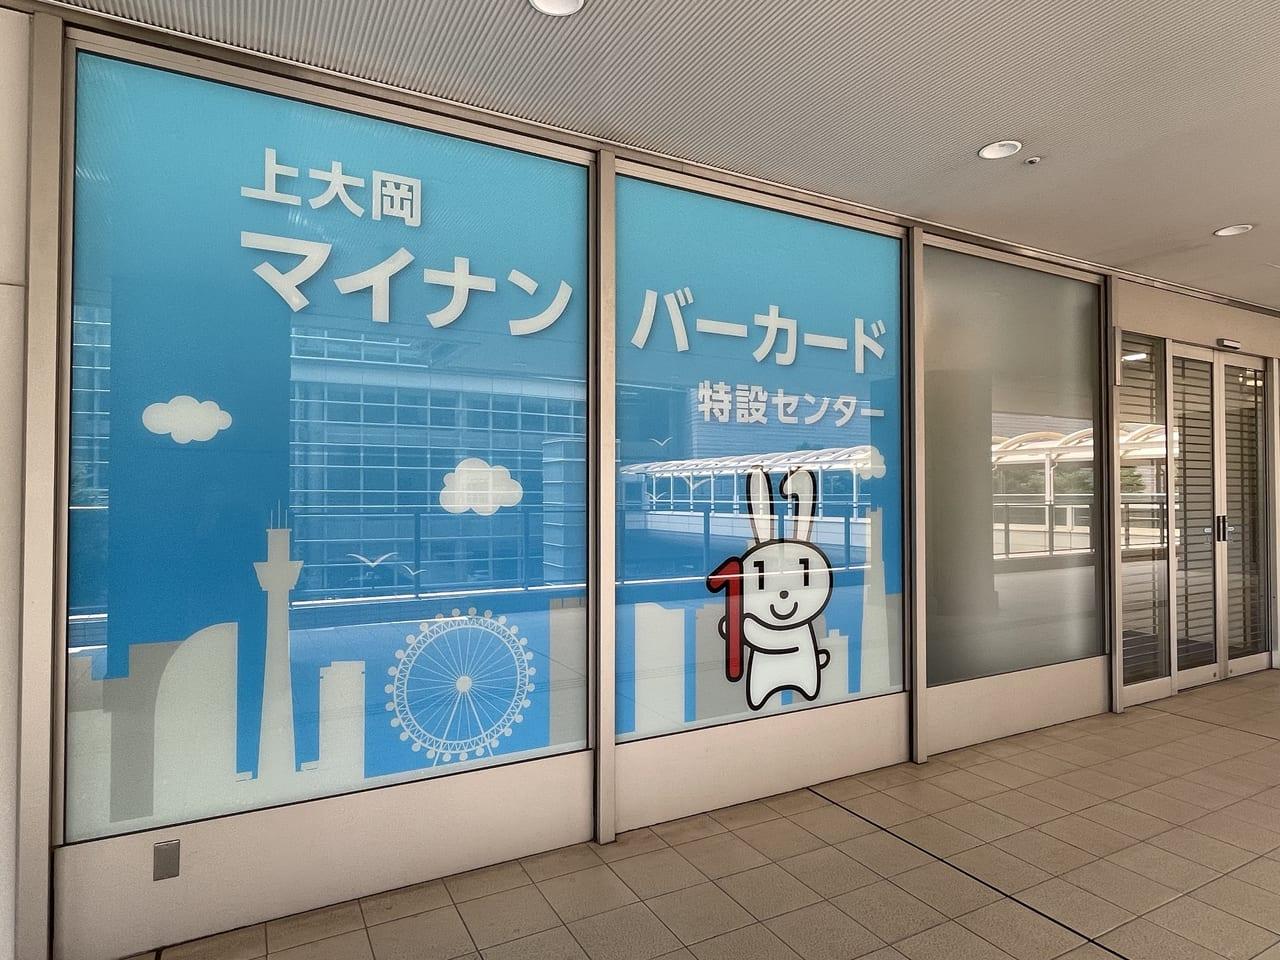 マイナンバーカード 予約 横浜 マイナンバーカードの受取に必要なものは何ですか。